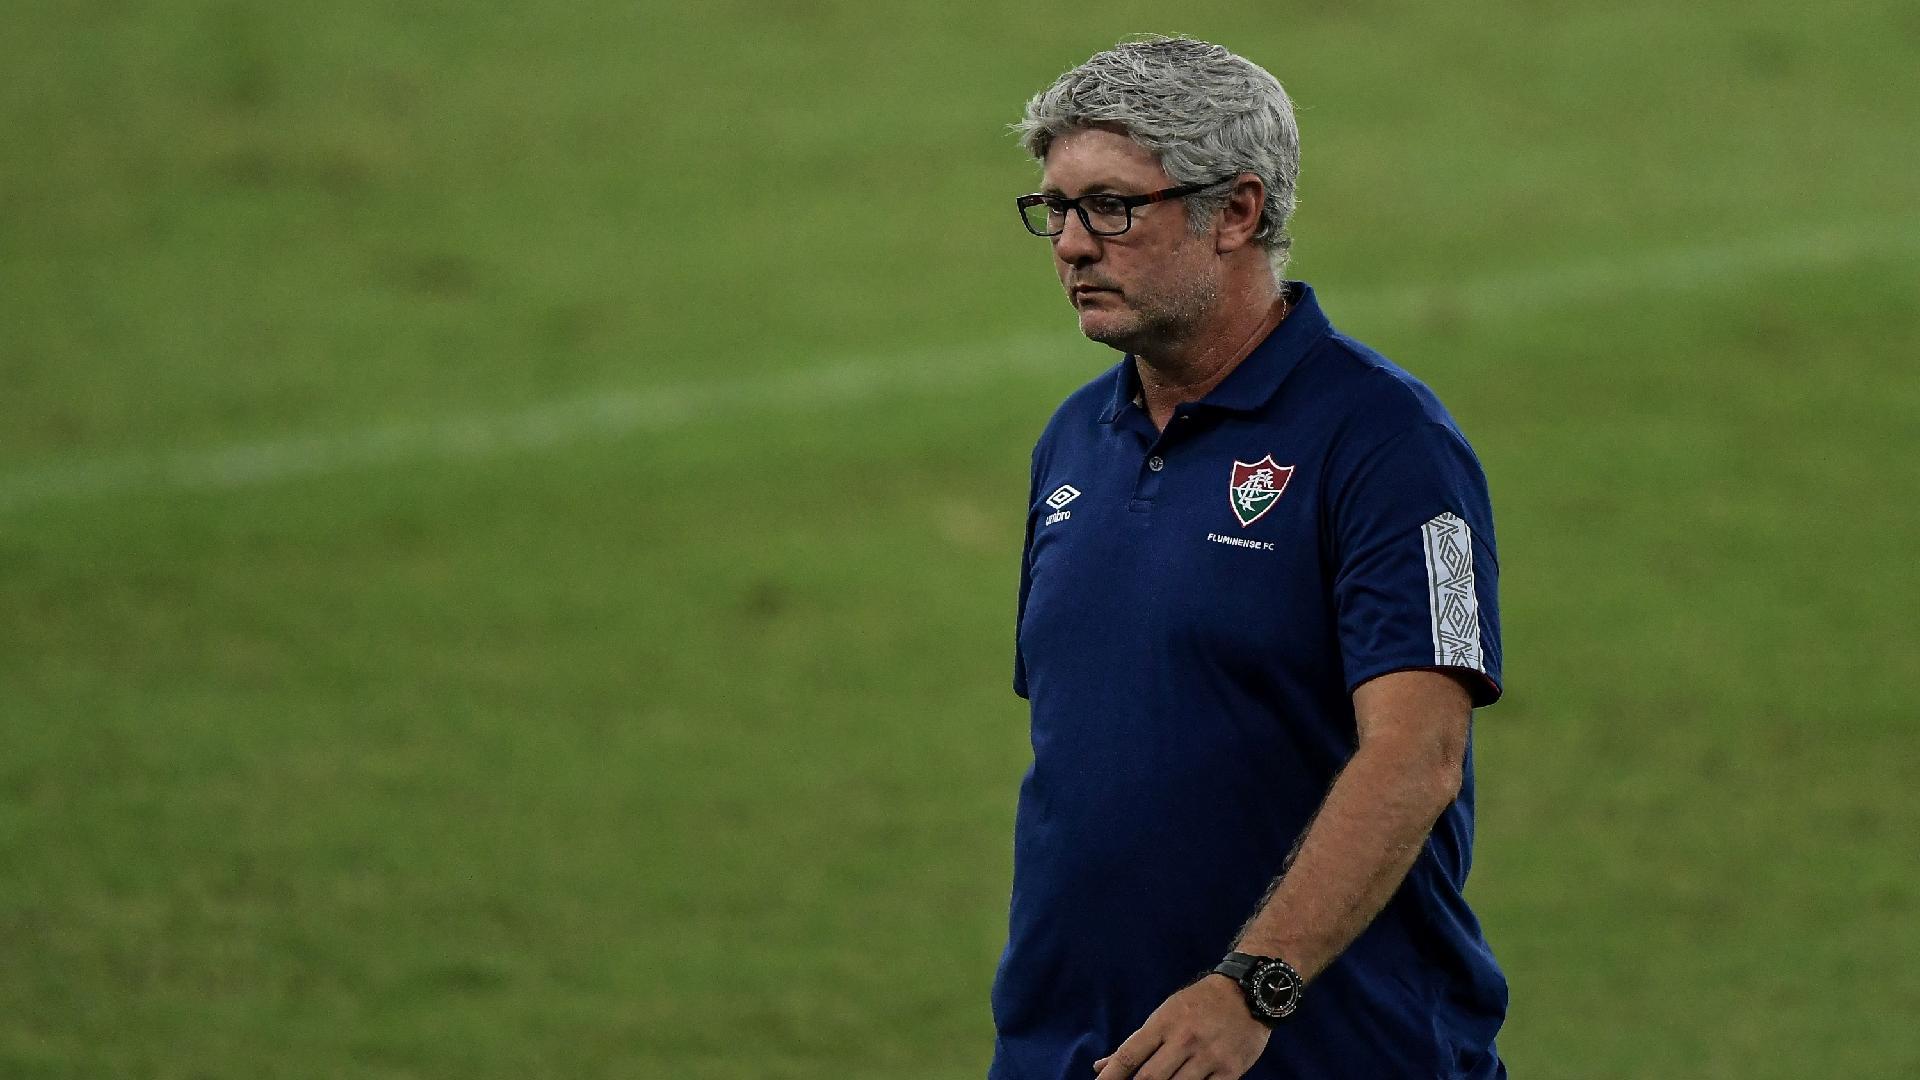 Odair Hellmann técnico, do Fluminense, durante partida contra o Atletico-GO, pelo Campeonato Brasileiro